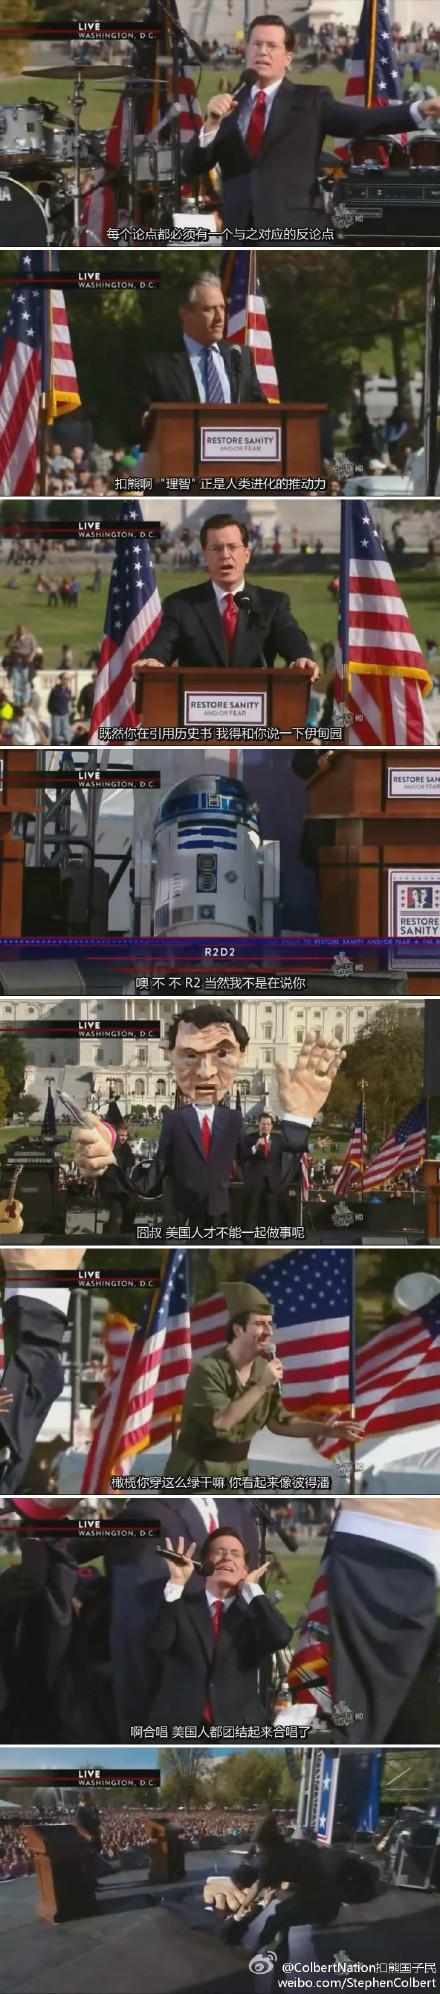 2010年恢复理智和/或恐惧大型集会 Stephen Colbert辩论Jon Stewart